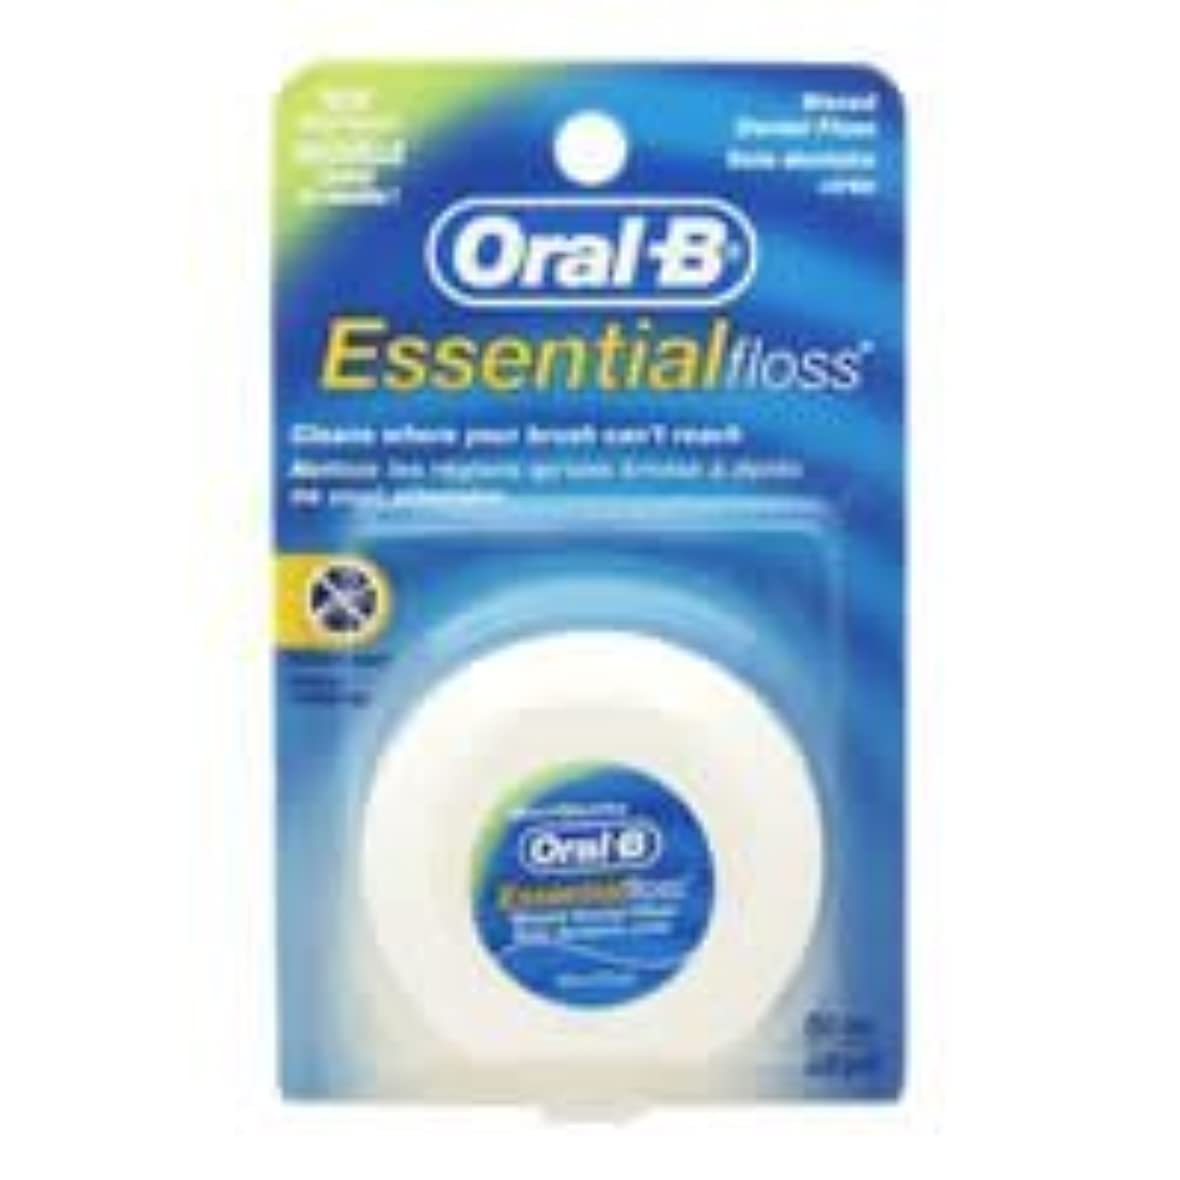 蒸留恐れマルコポーロOral-B Essential Waxed Dental Floss Mint by Oral-B